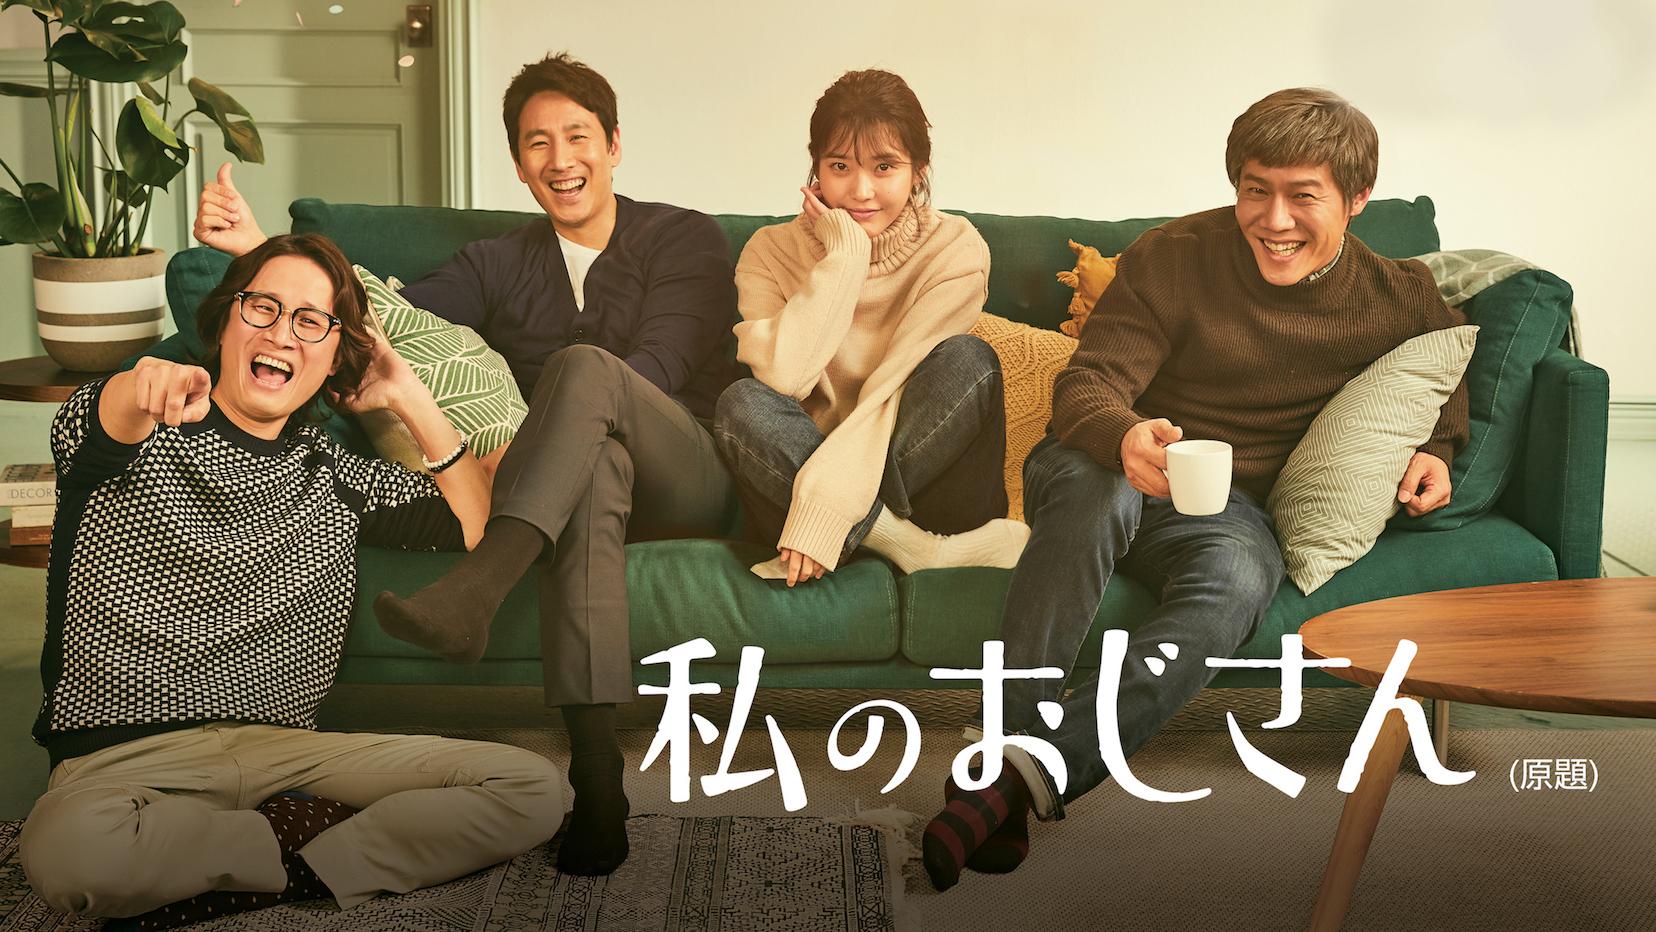 これぞ人生ドラマ、「私のおじさん」のイ・ジウン(IU)さん&イ・ソンギュンさんインタビュー_1_3